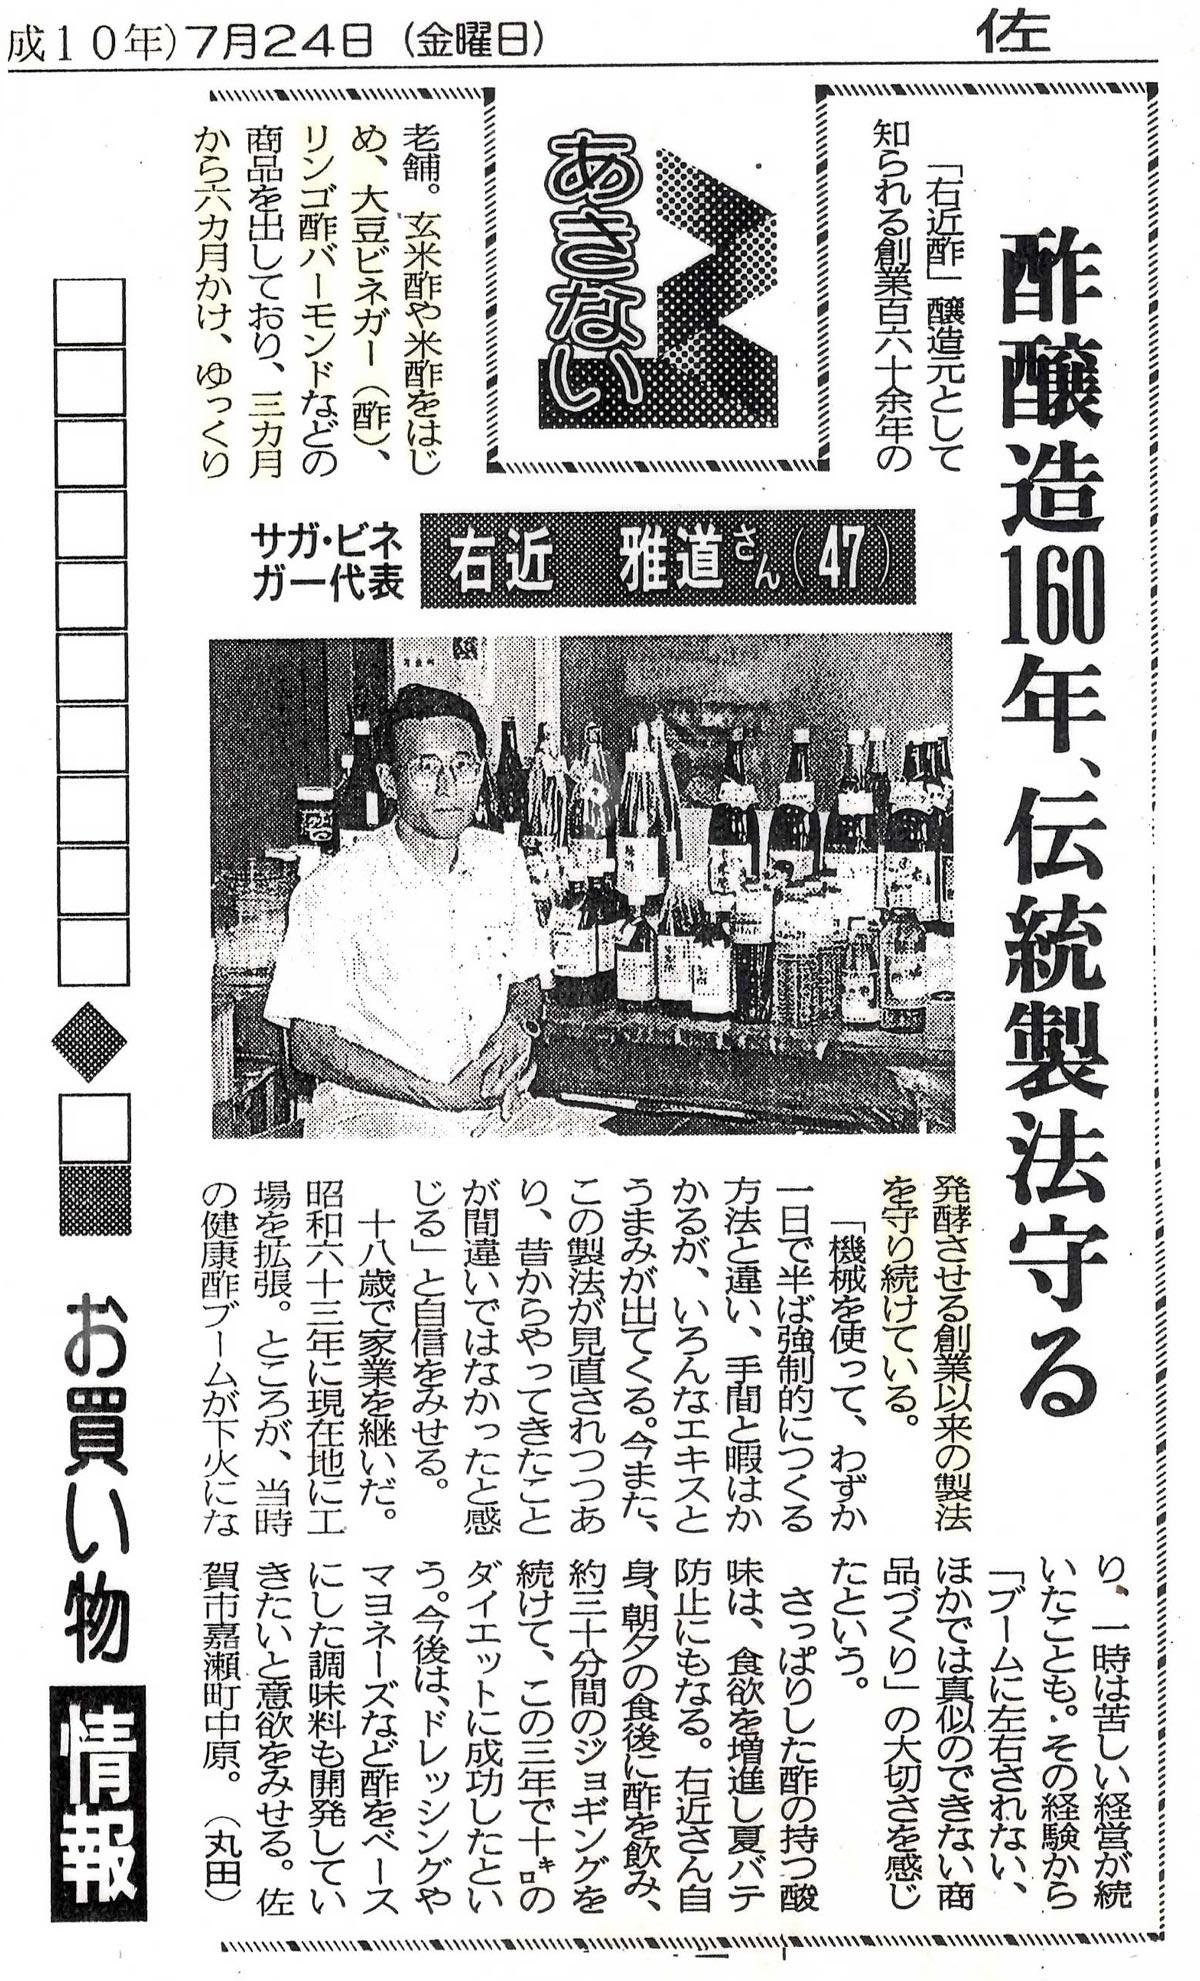 新聞掲載 1998年(平成10年)7月24日 佐賀新聞 「酢醸造160年伝統製法守る」